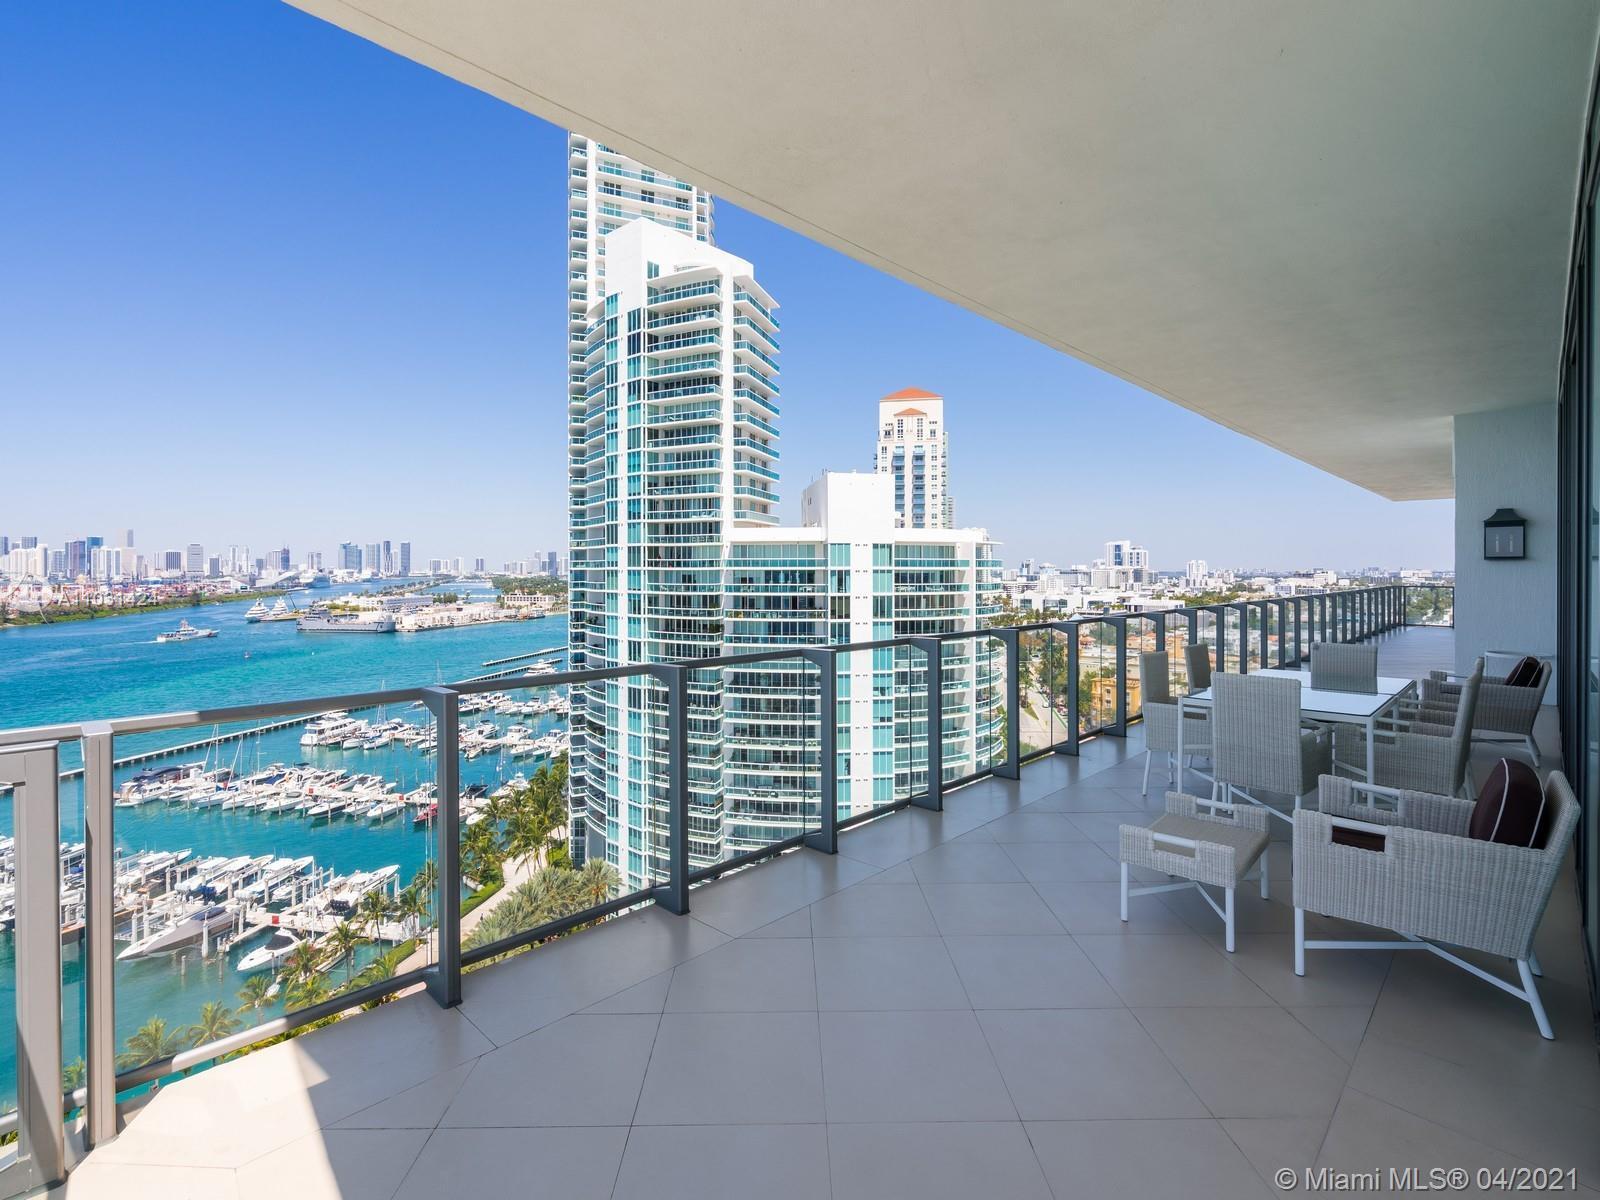 Apogee Miami Beach Condos